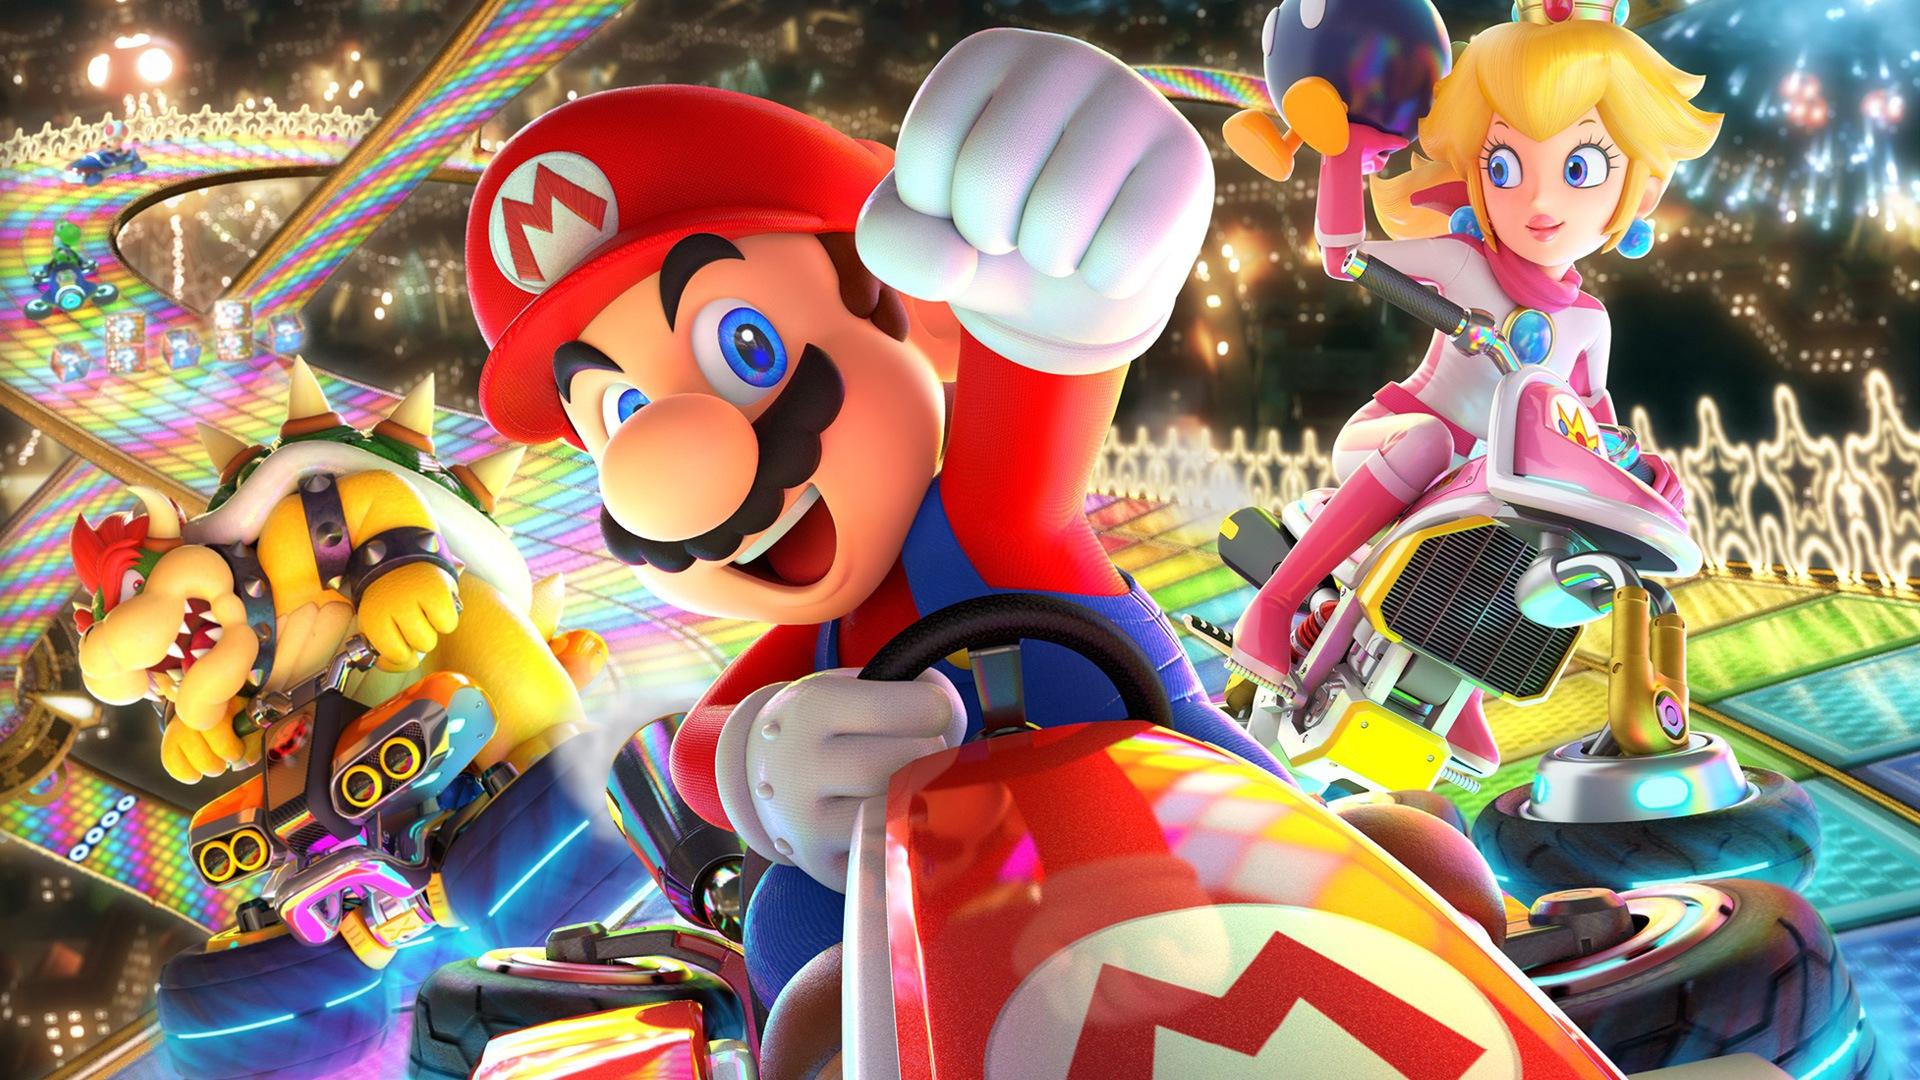 Nintendo Releases Minor Nintendo Switch Mario Kart 8 Deluxe